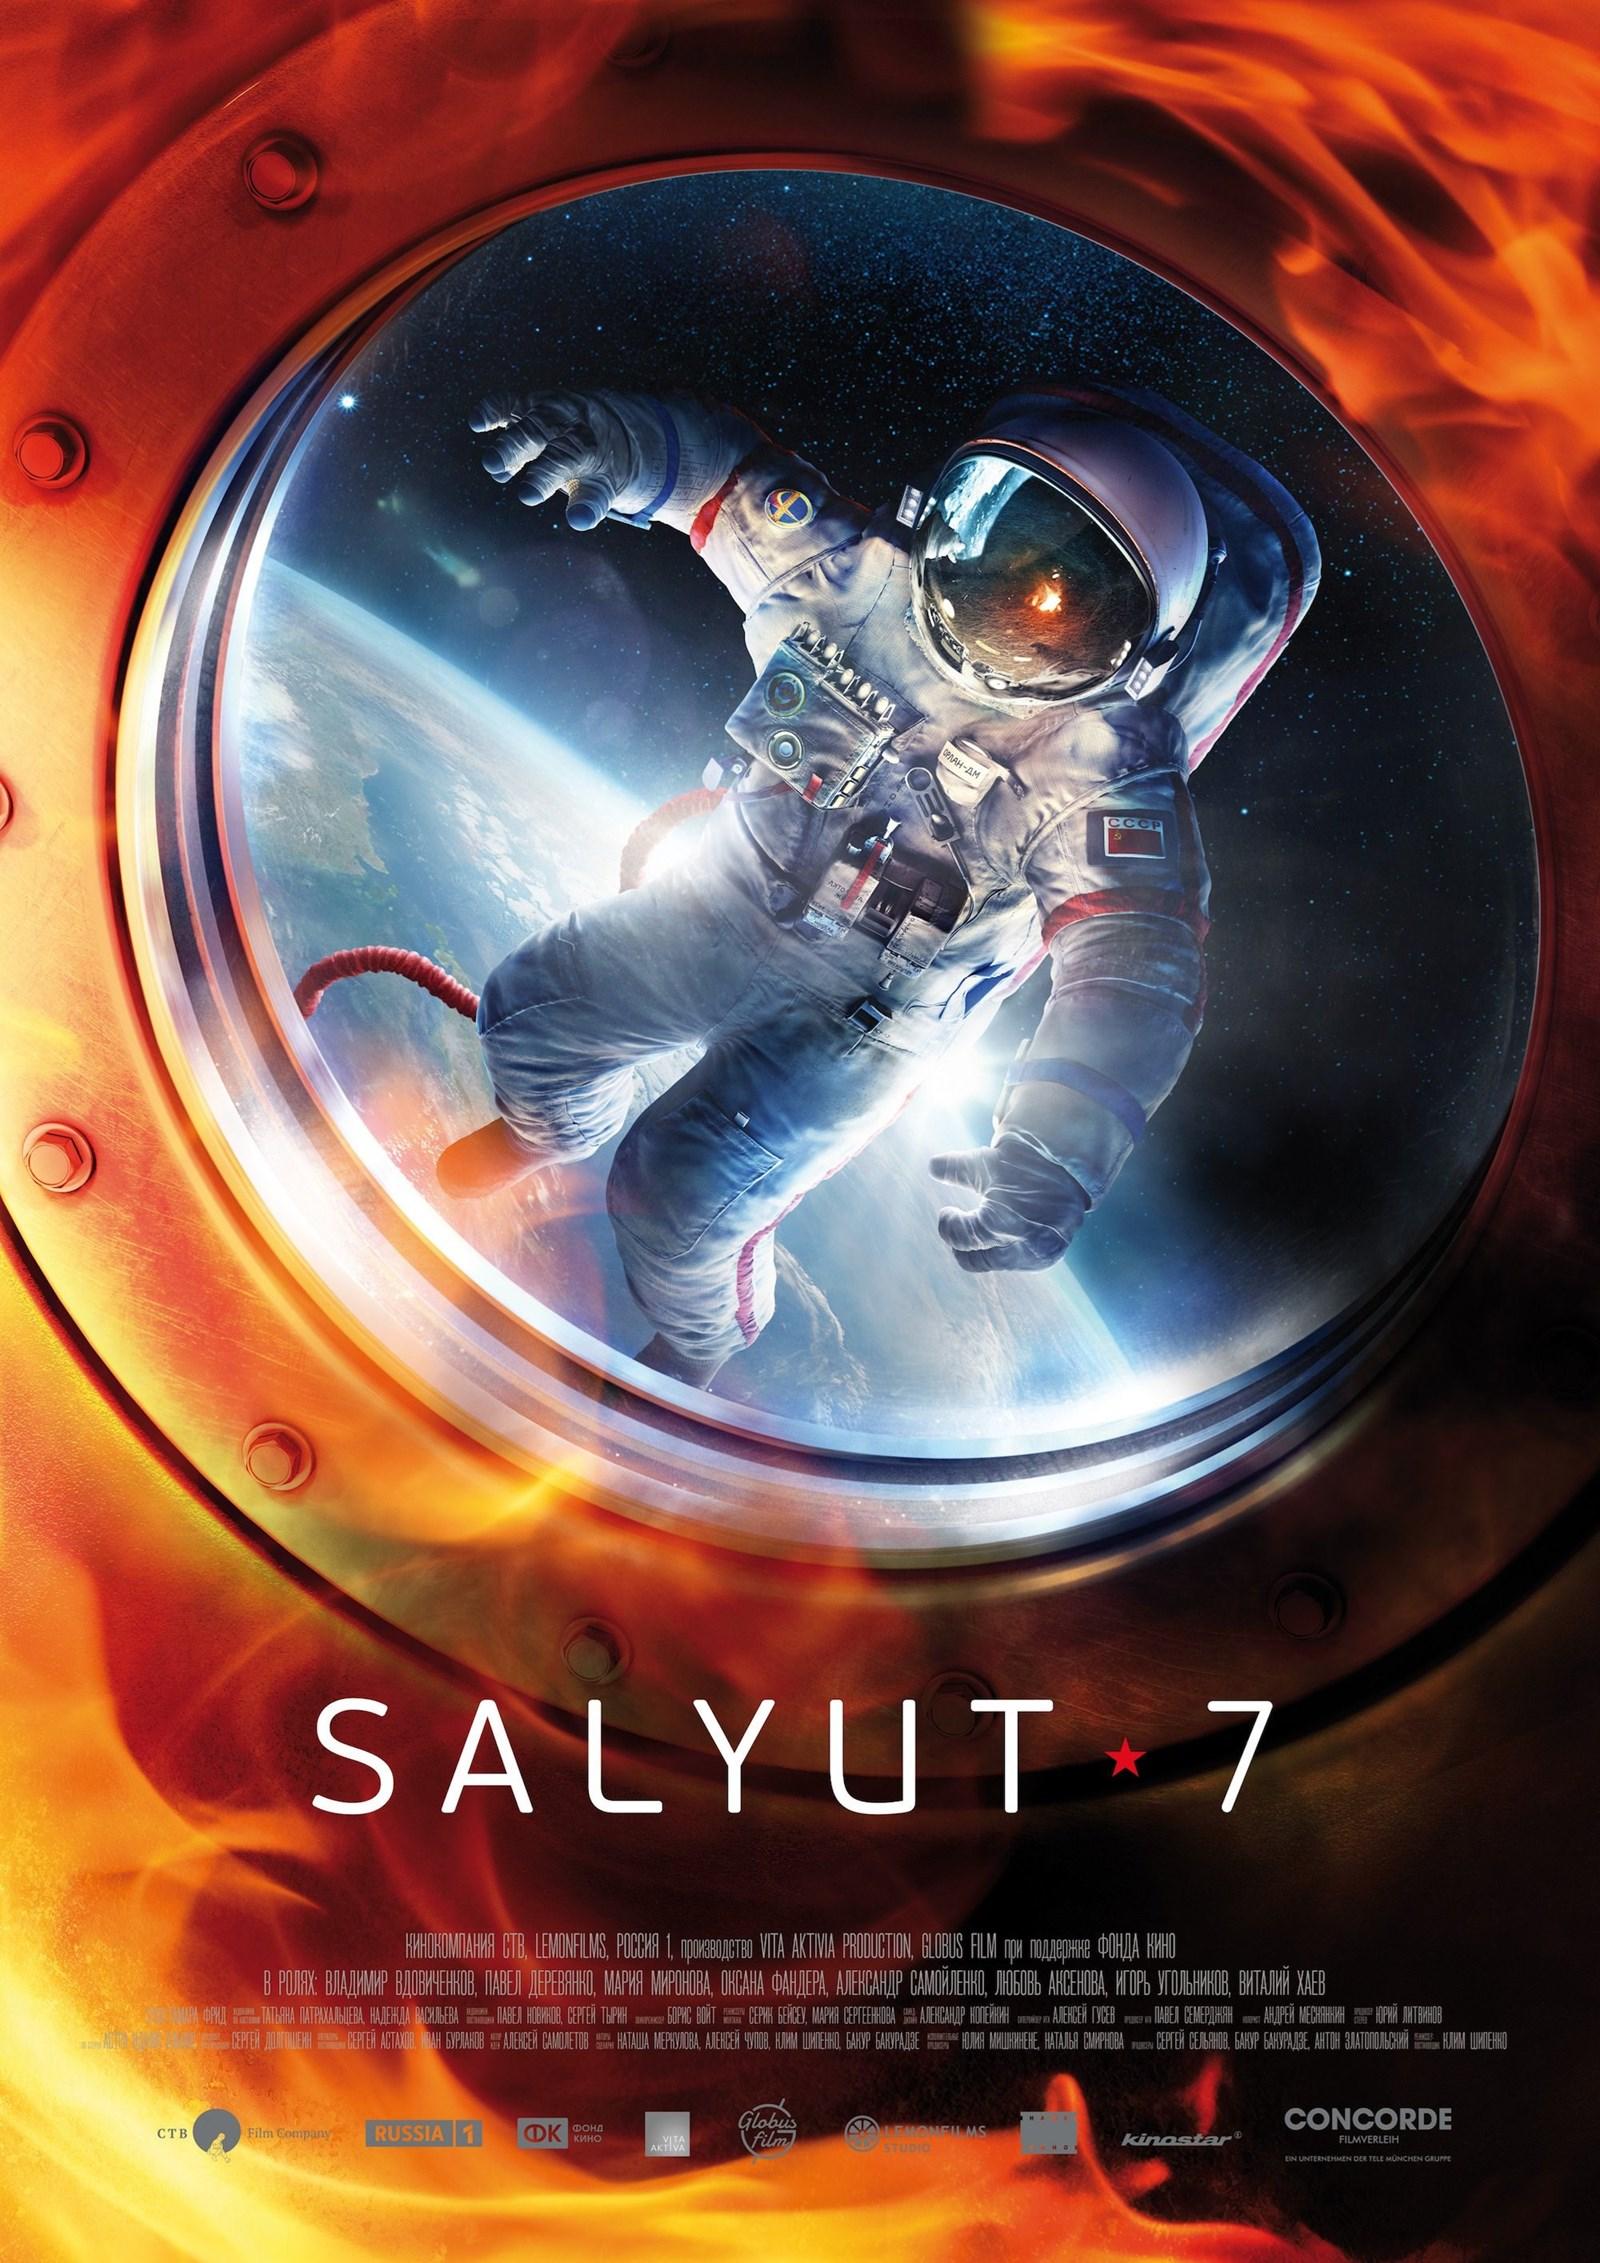 Salyut-7 kapak